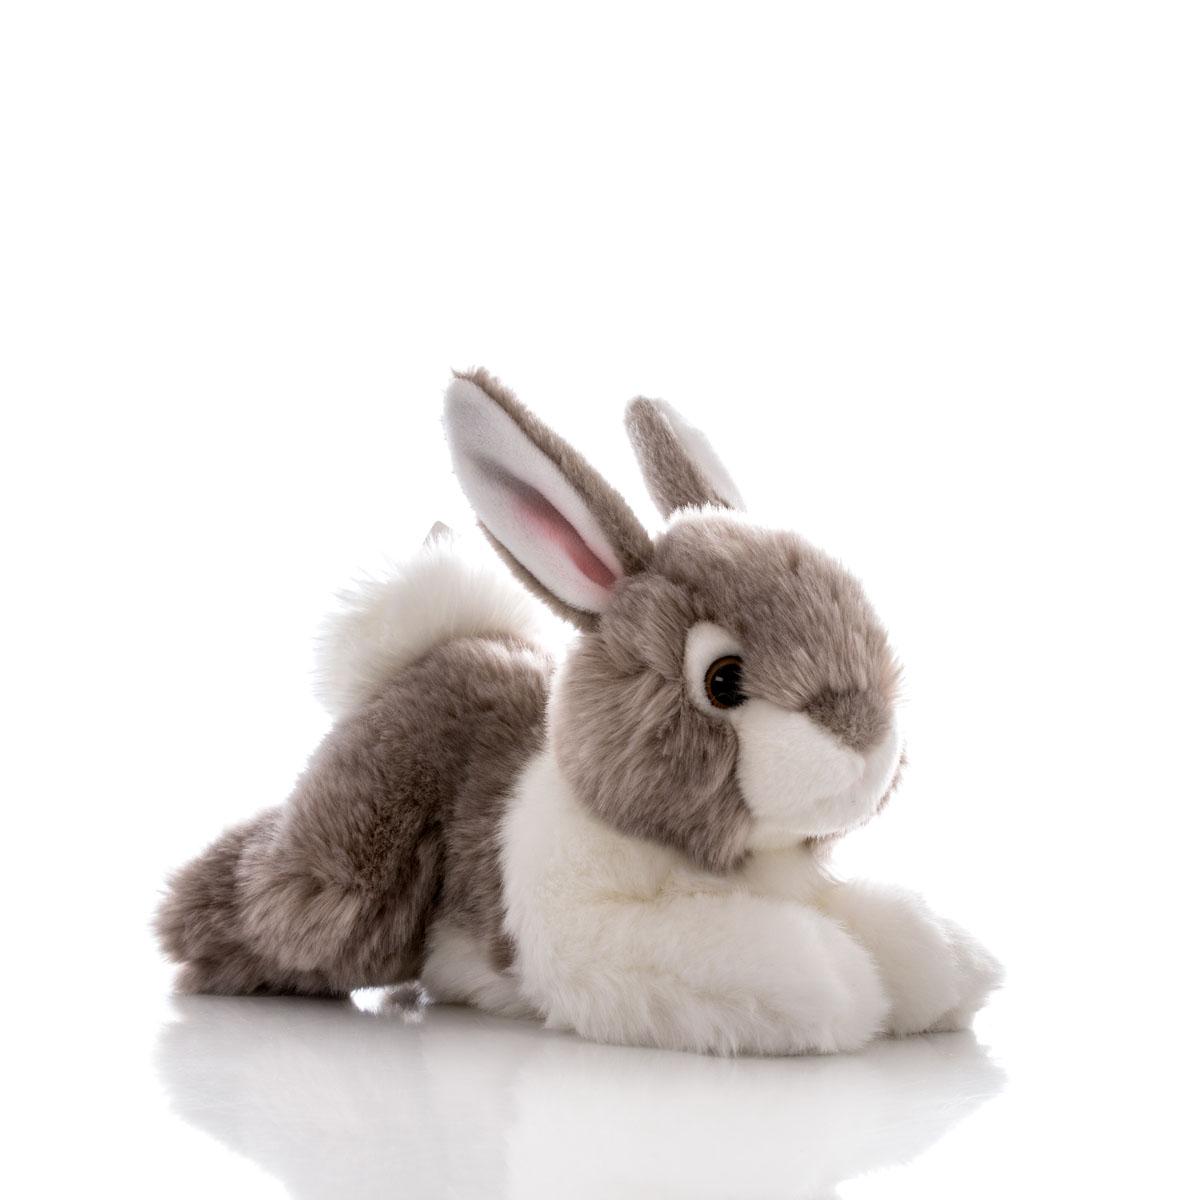 Aurora Игрушка мягкая Кролик серый 28 см300-05Игрушка Аврора станет замечательным подарком не только для мальчиков и девочек разных возрастов, но и для взрослых. Игрушку можно стирать вручную или в машинке - она не деформируется и не потеряет цвета, шерсть не линяет и не скатывается со временем.